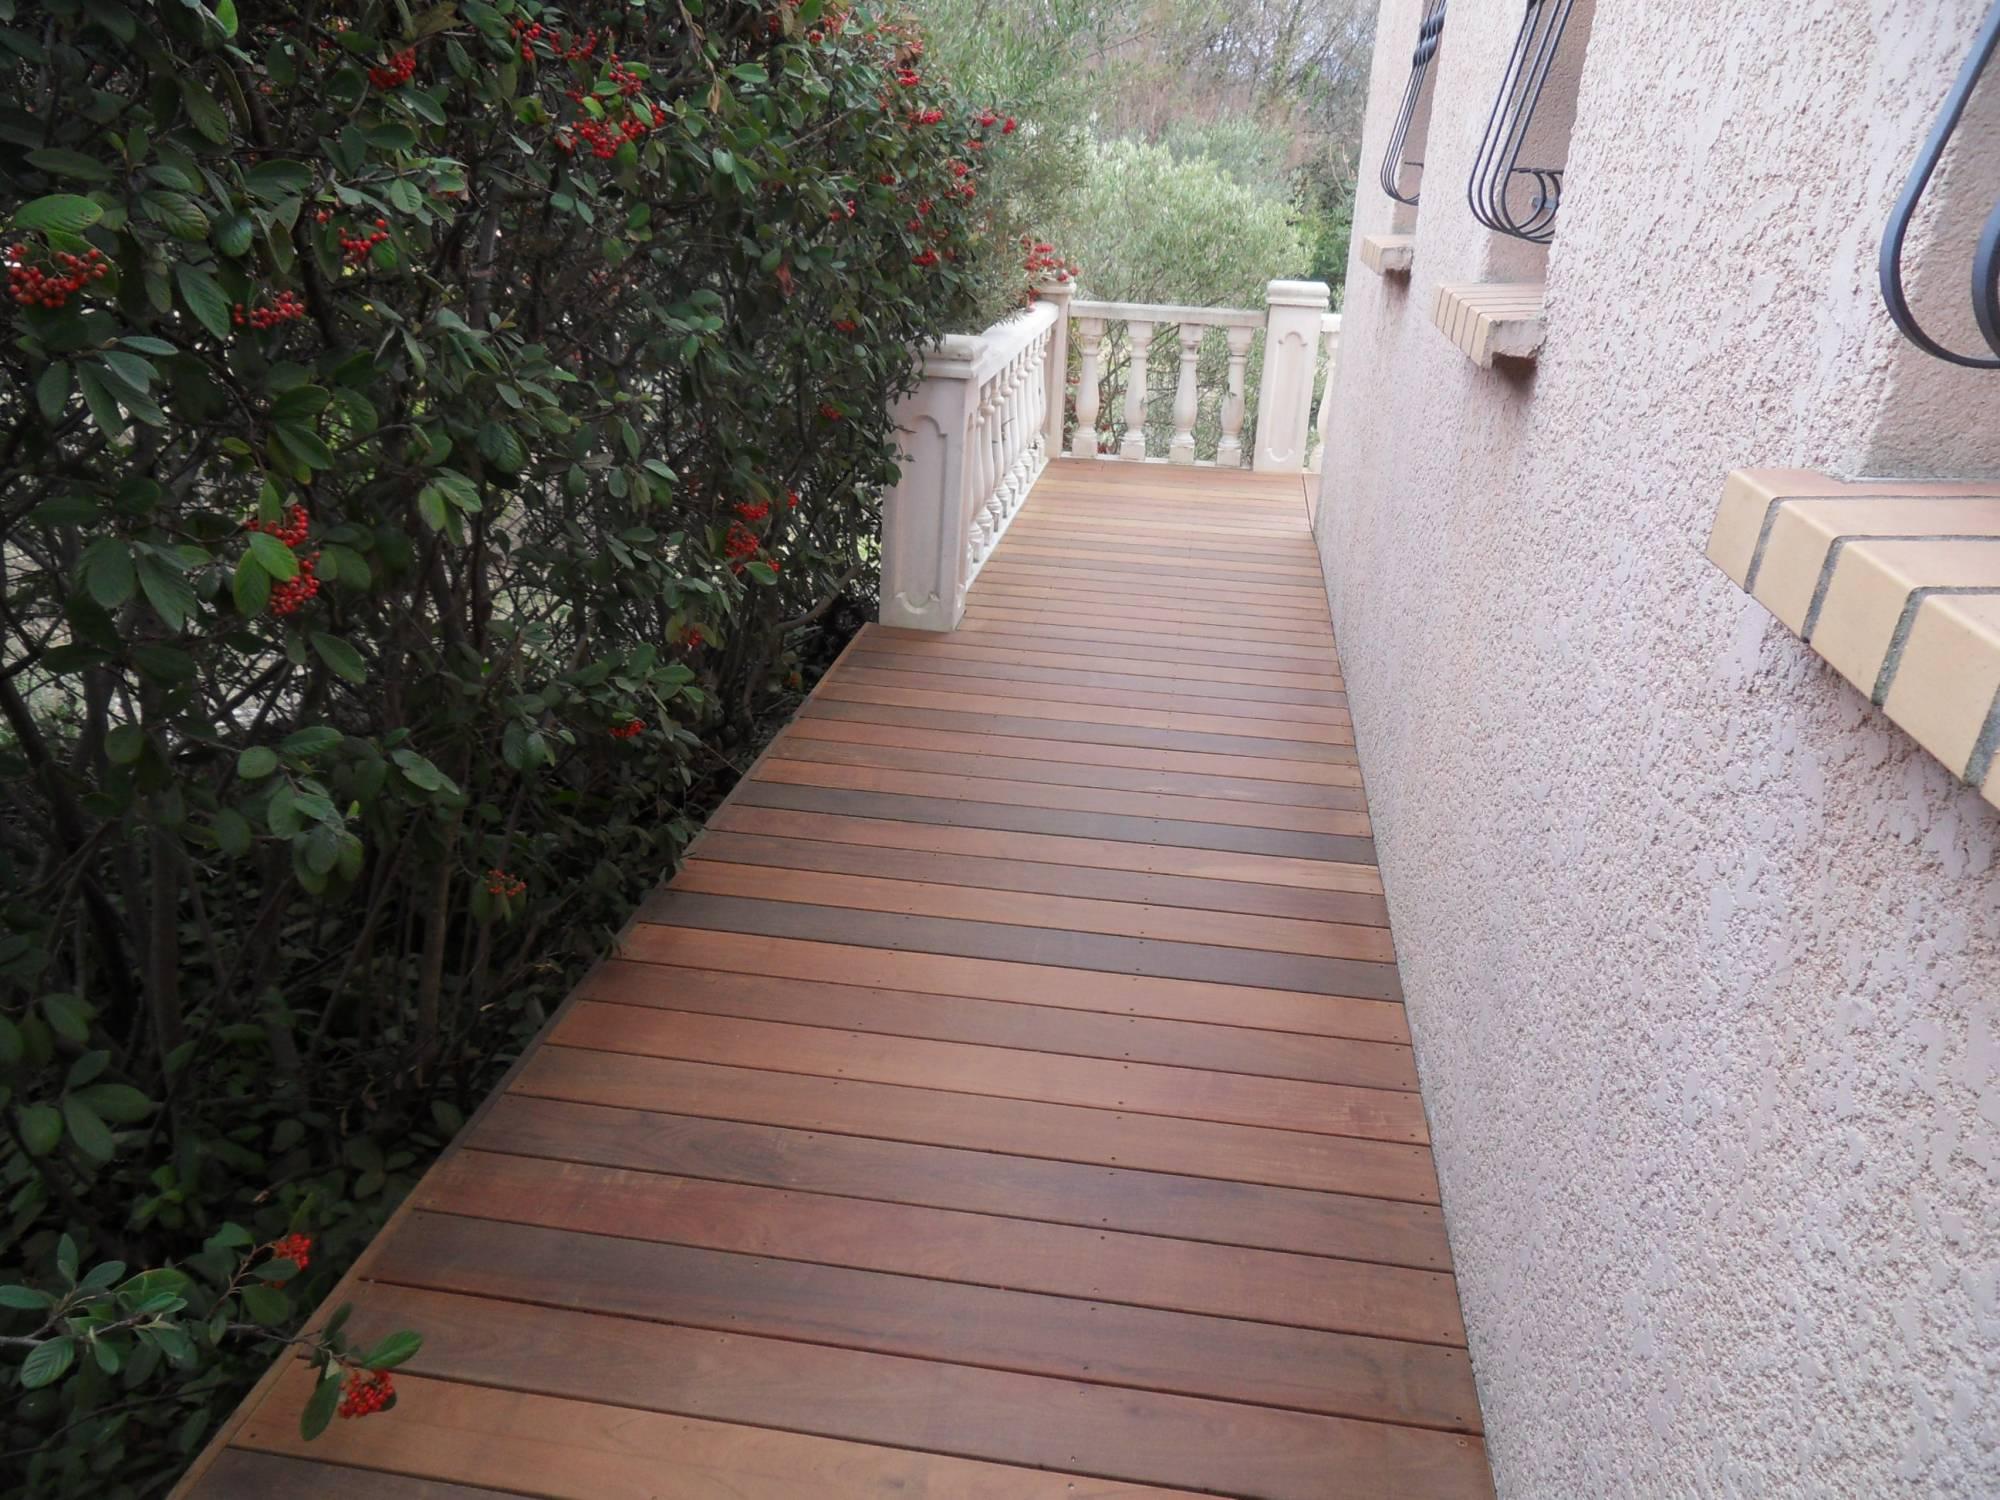 Vente Bois Pour Terrasse renovation terrasse carrelage en terrasse bois lame ipe a